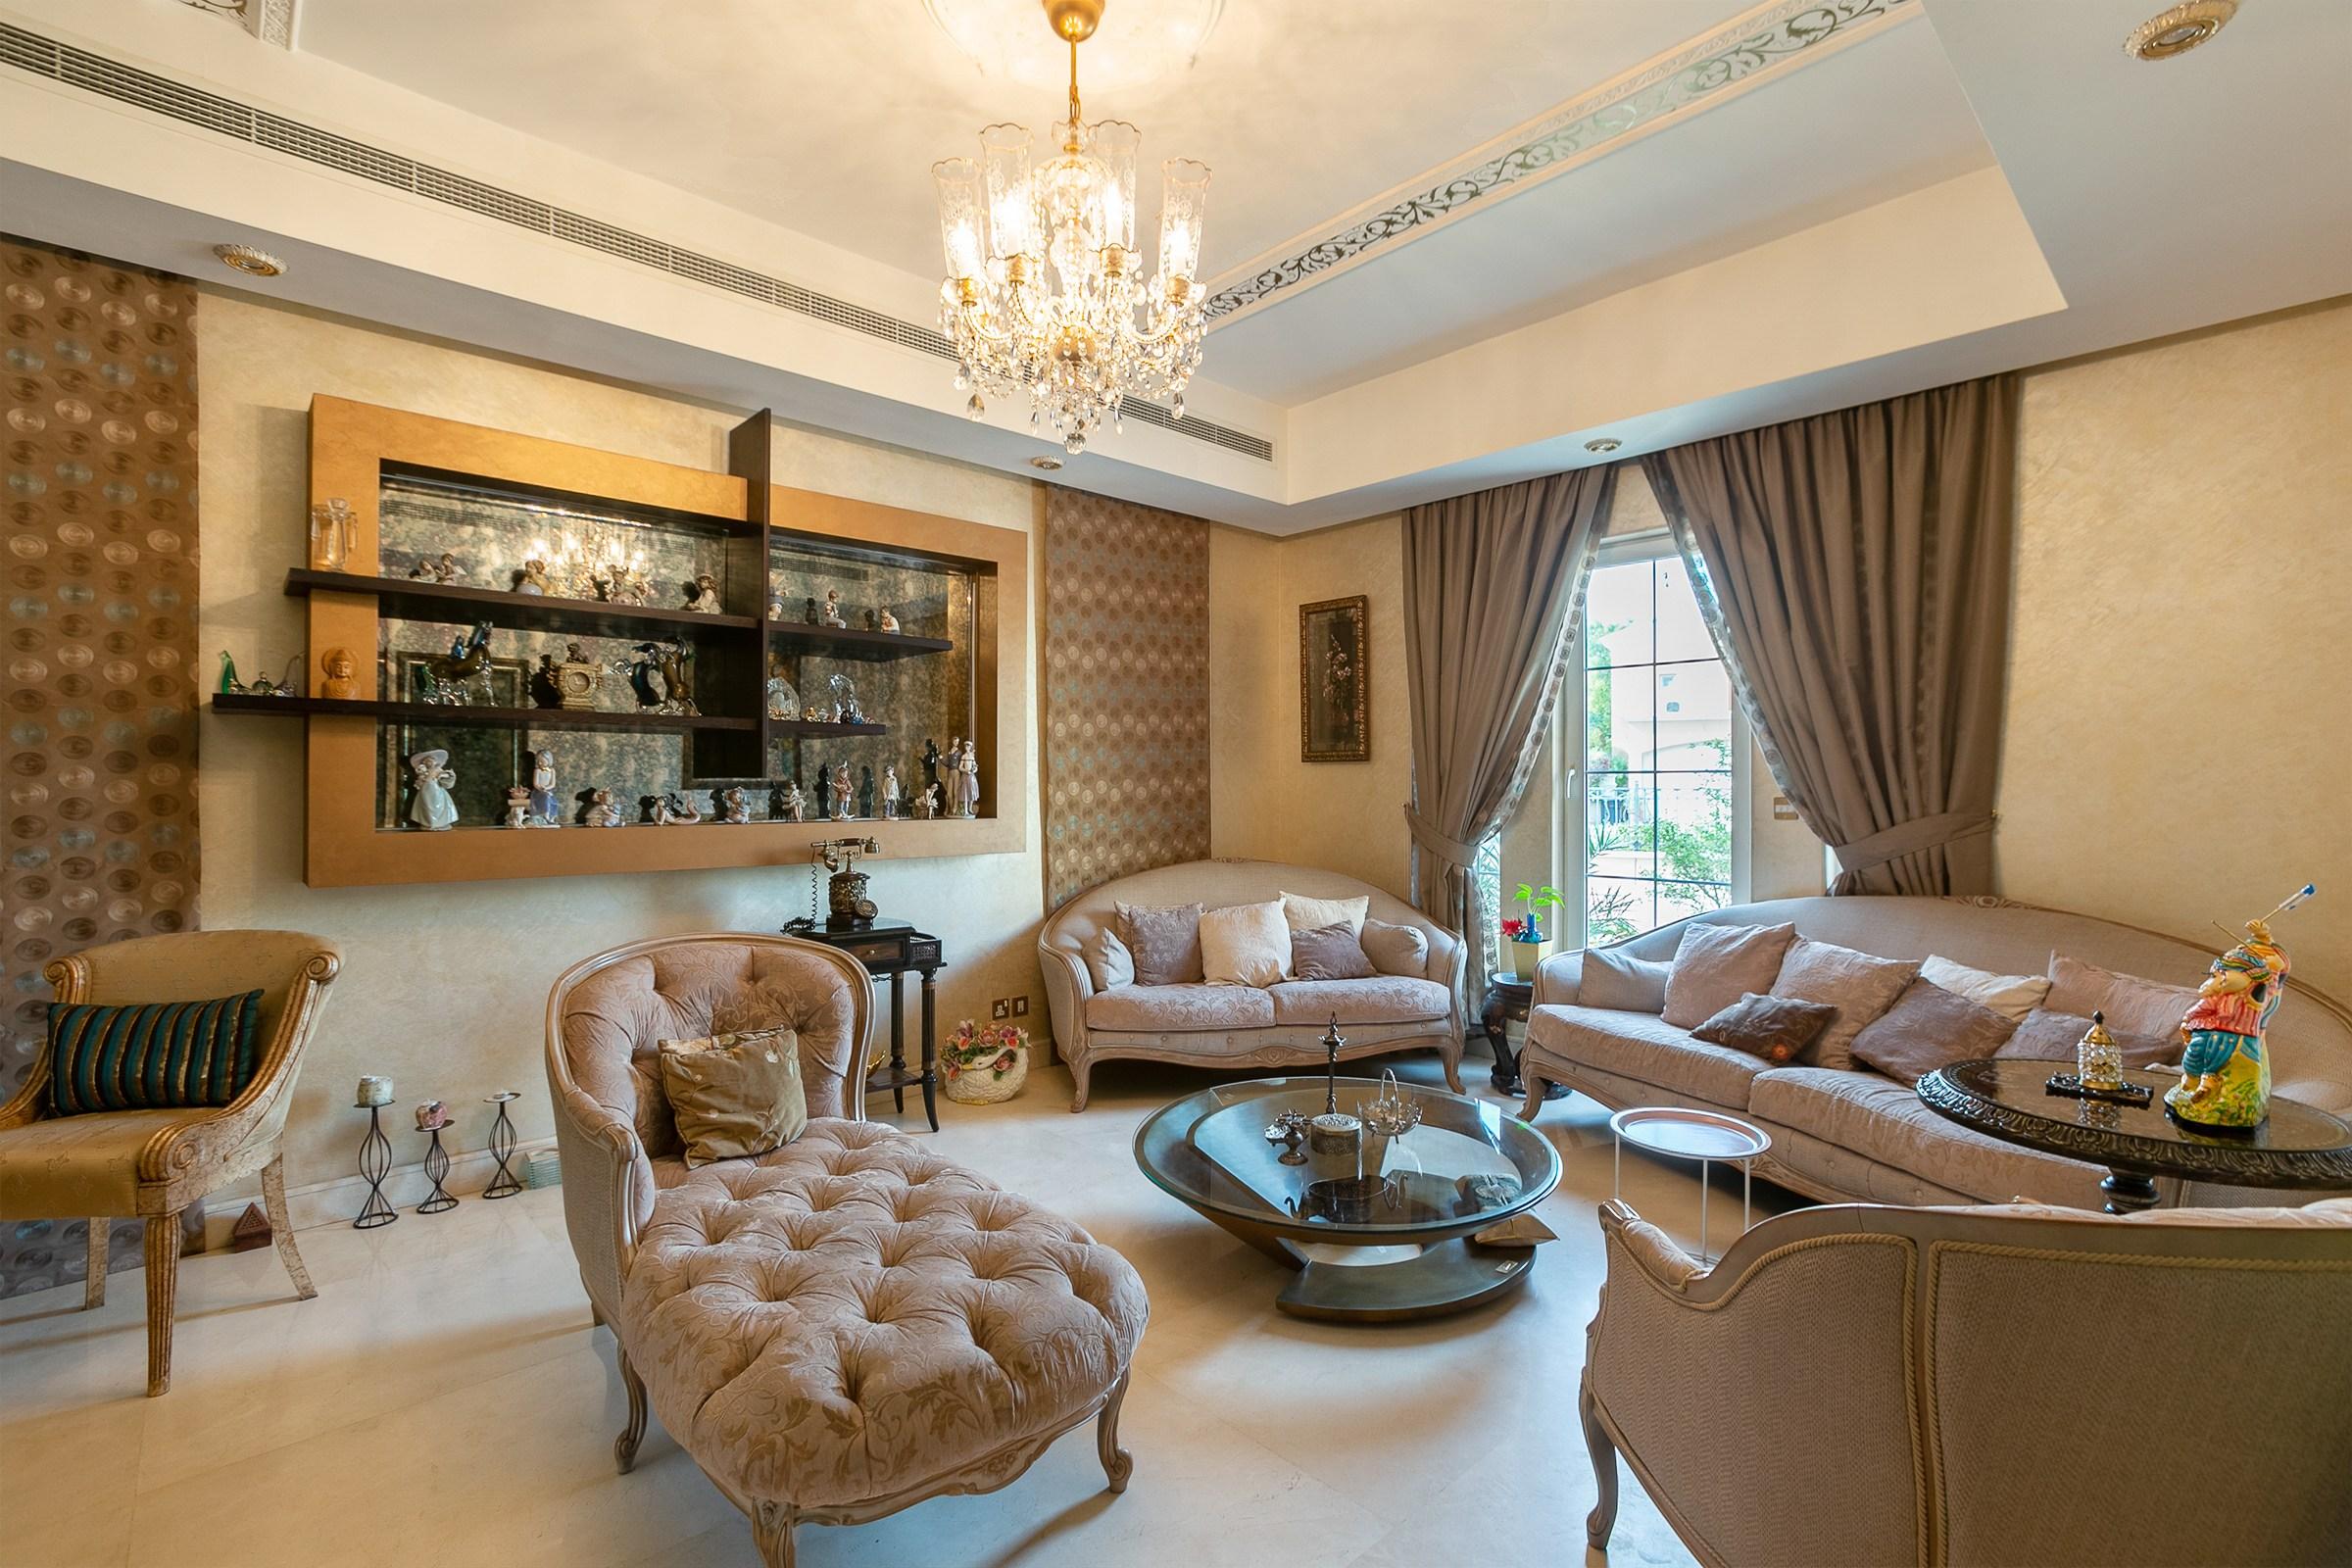 BEST PRICE | 5 BEDROOM + MAID | SPACIOUS GARDEN